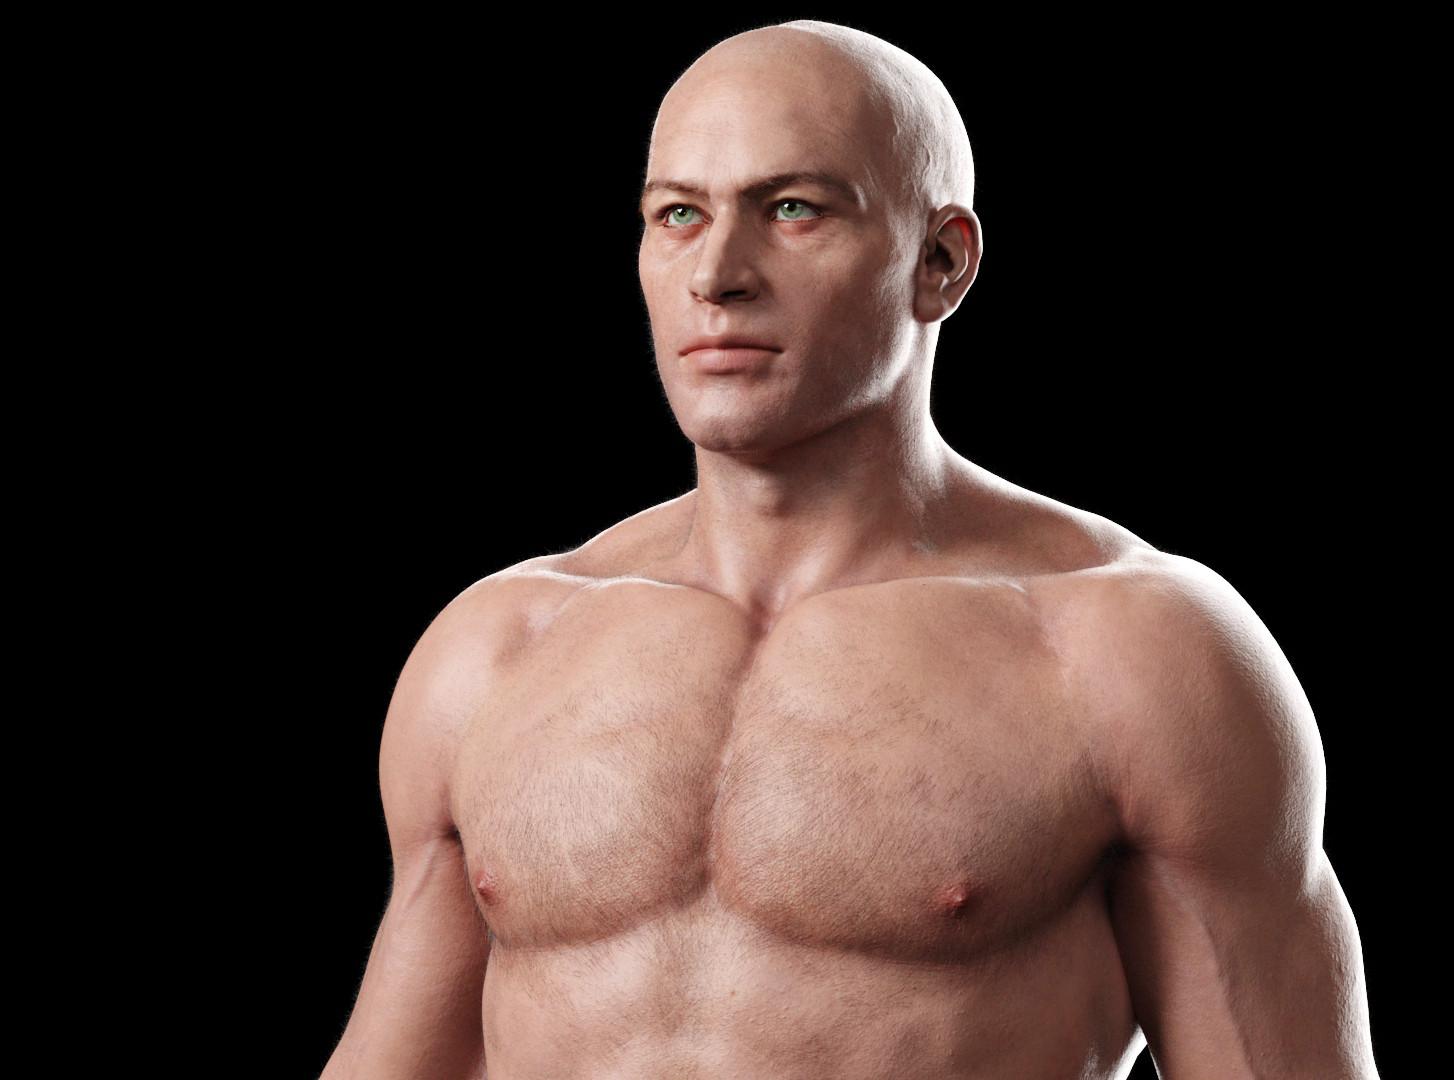 Andrey gritsuk hex 6